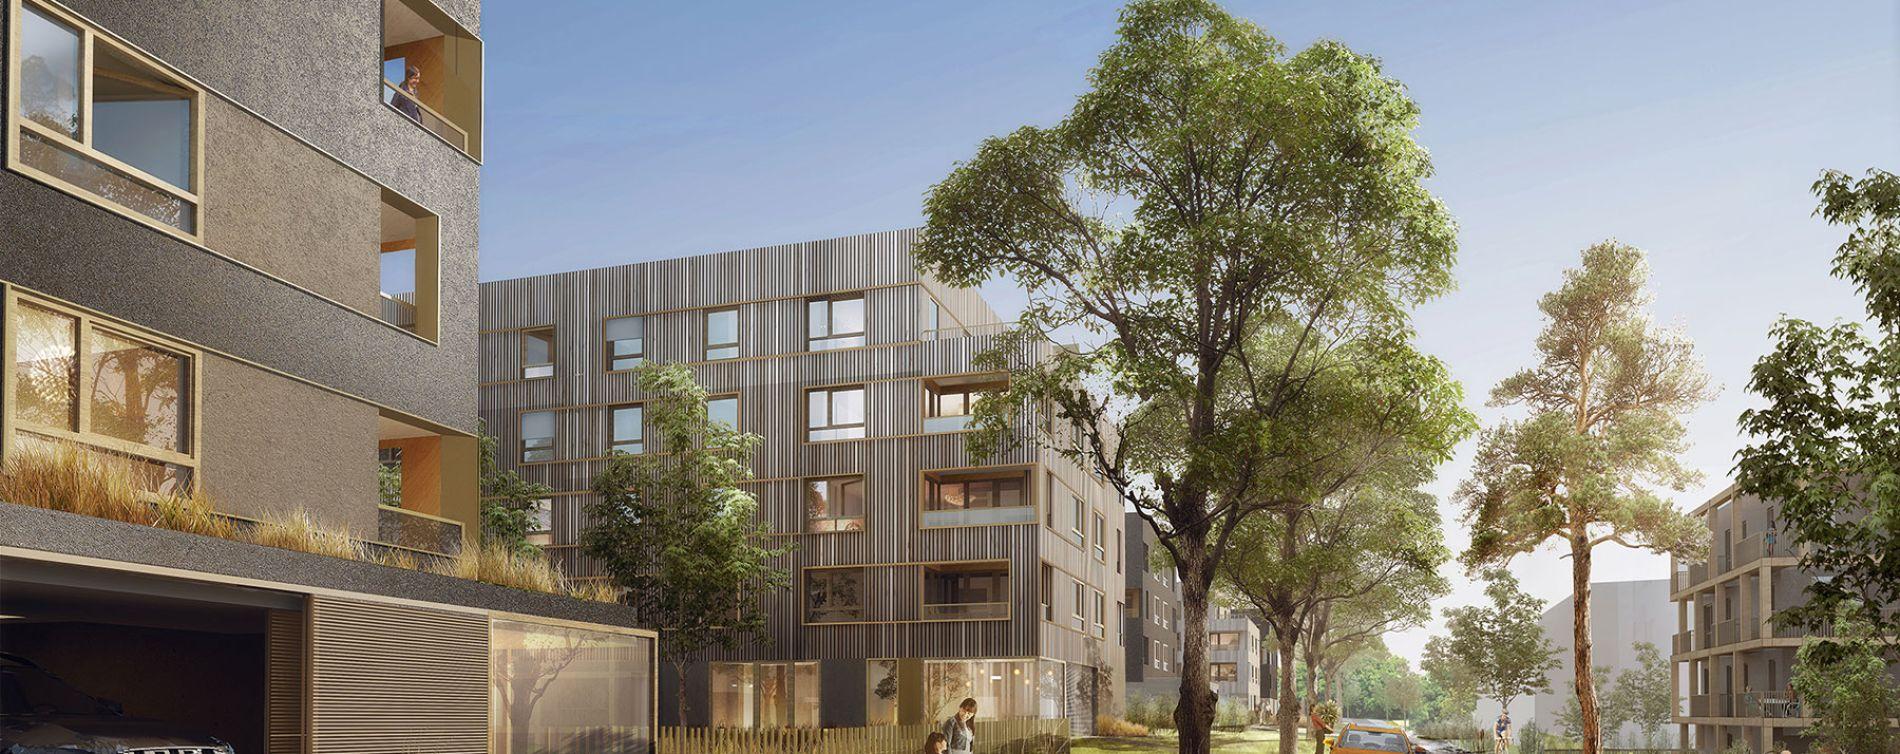 Torcy : programme immobilier neuve « Nature & Coteaux » (2)